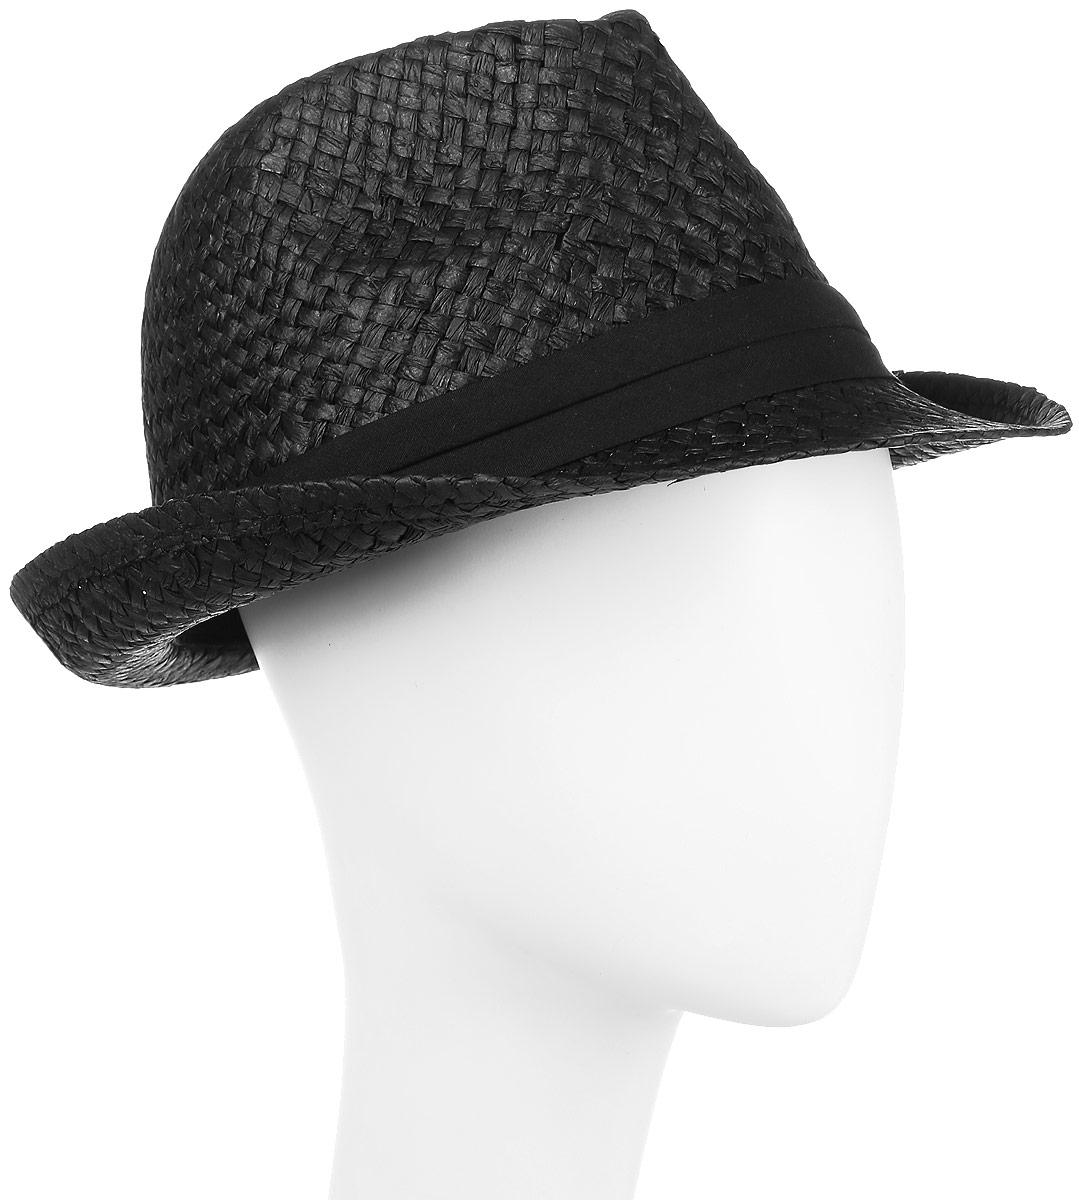 ШляпаHtY131004Молодежная шляпа с ремешком.